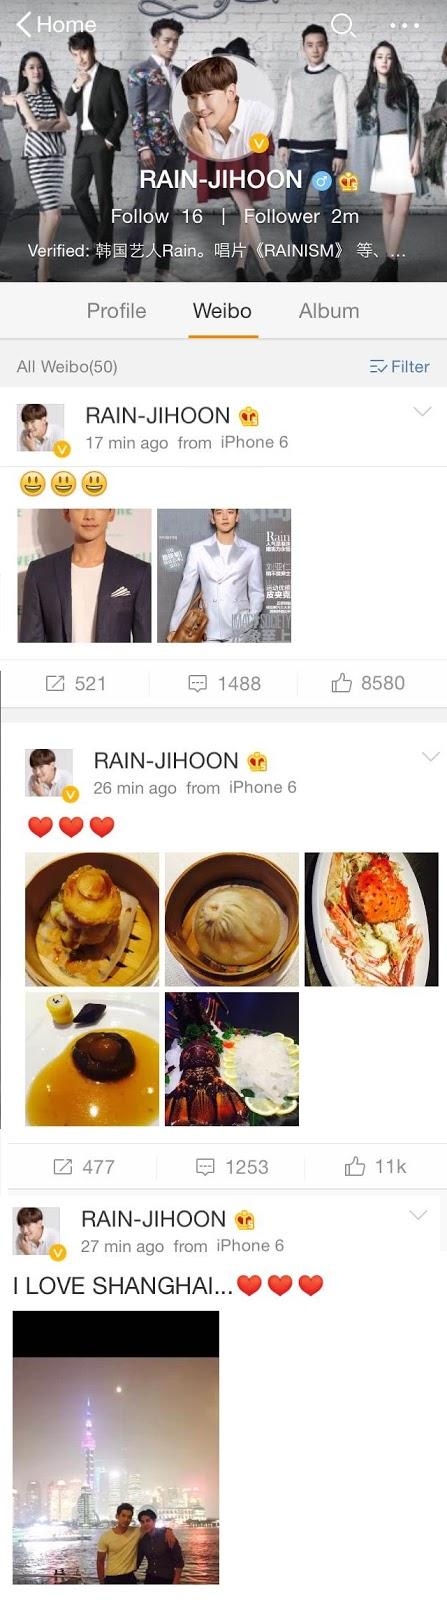 Rain instagram_c0047605_13183268.jpg